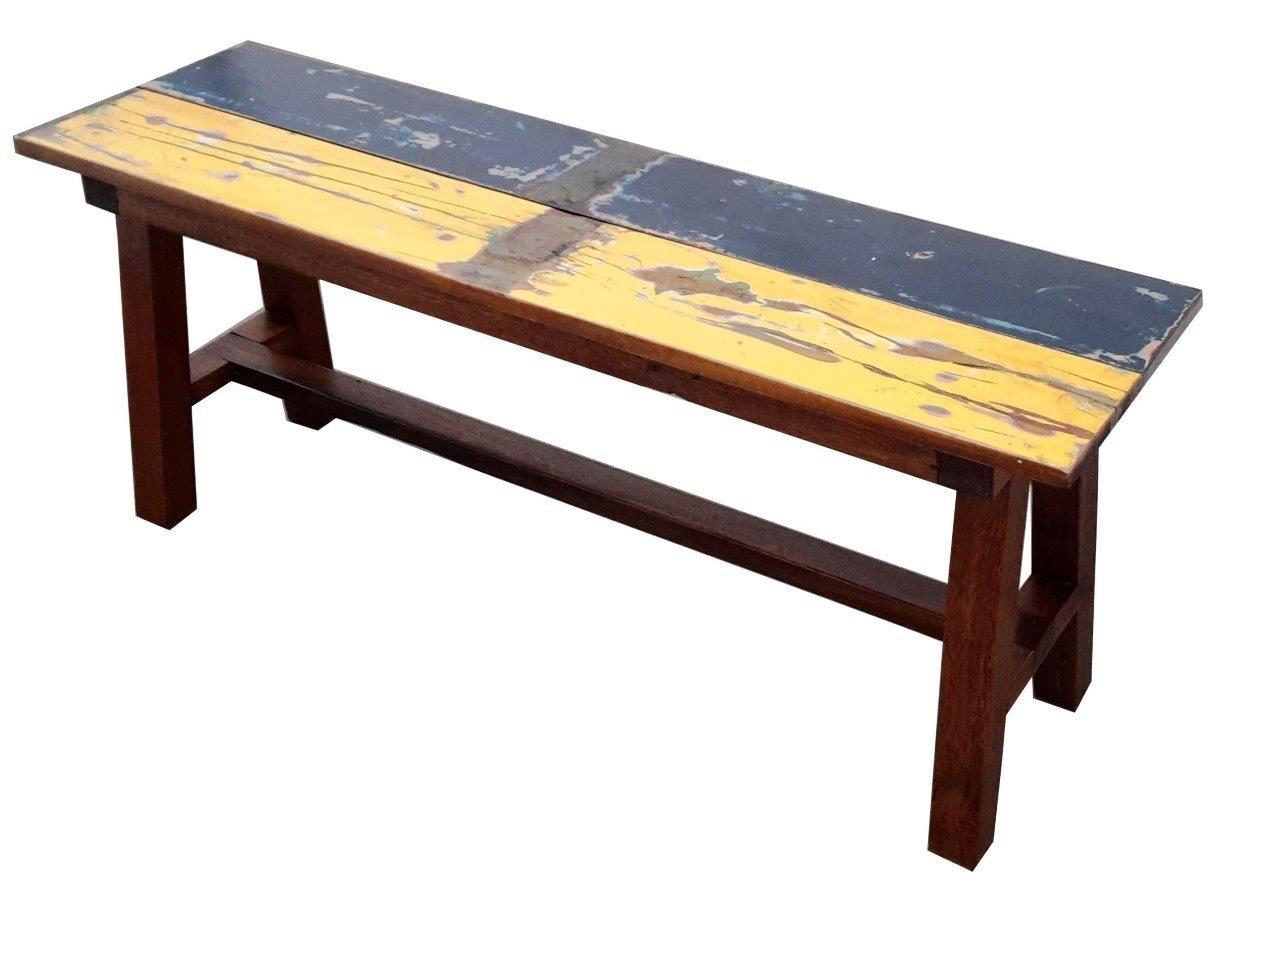 vintage garten planken-bank